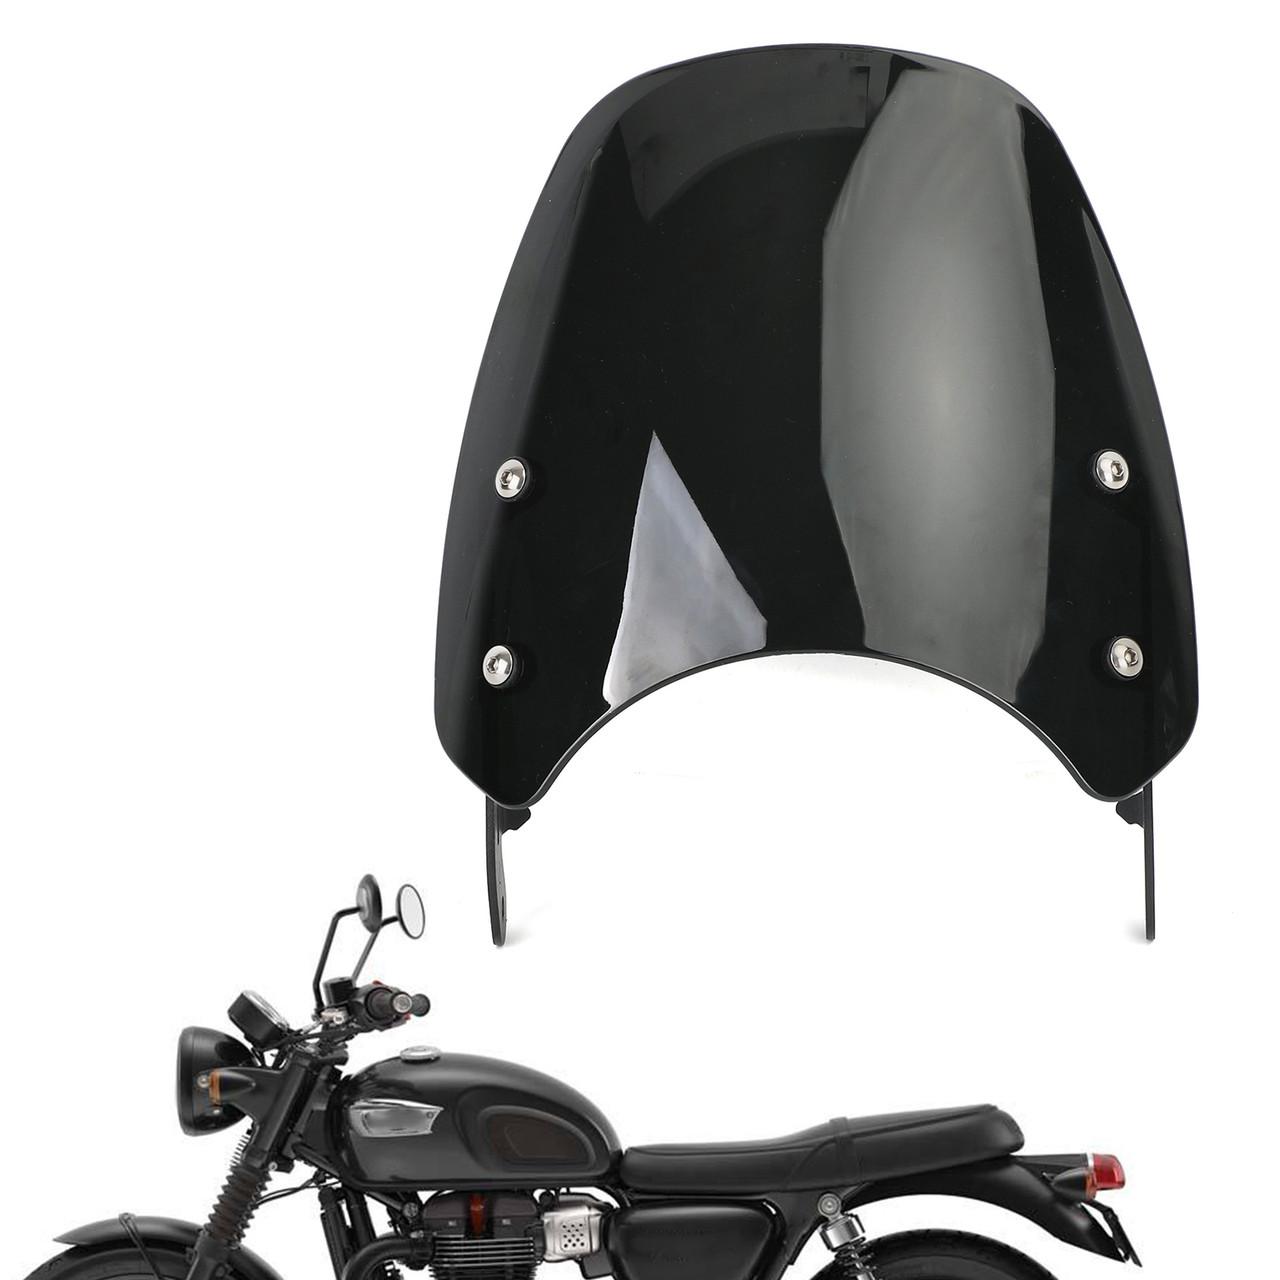 Windshield Fit for Triumph Bonneville 01-17 T100 03-17 Black